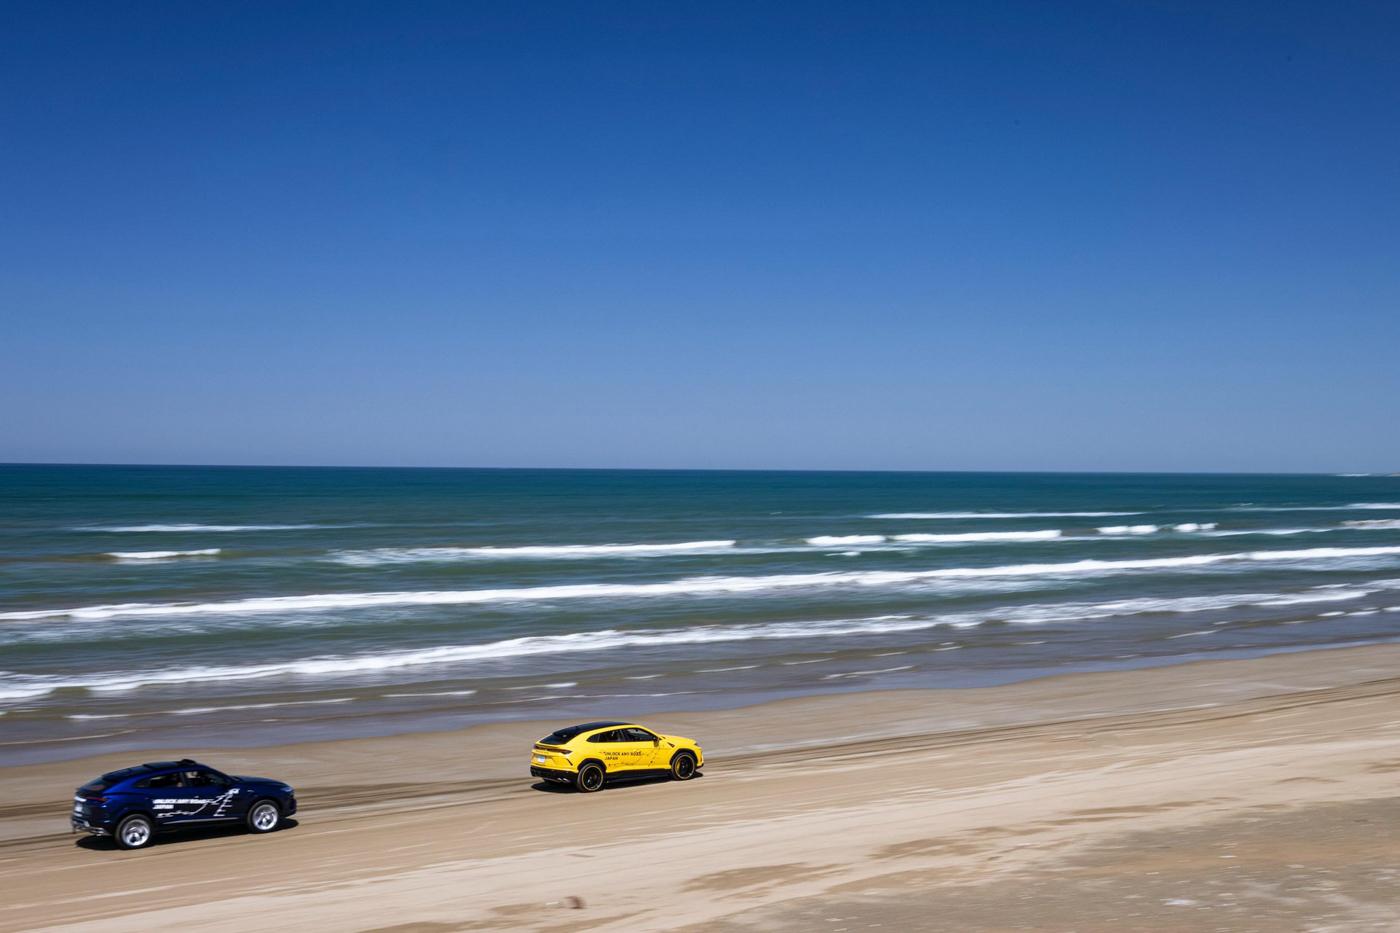 Bộ-đôi-Lamborghini-Urus-vượt-hơn-6.500-km-trong-hành-trình-xuyên-Nhật-Bản (13).jpg